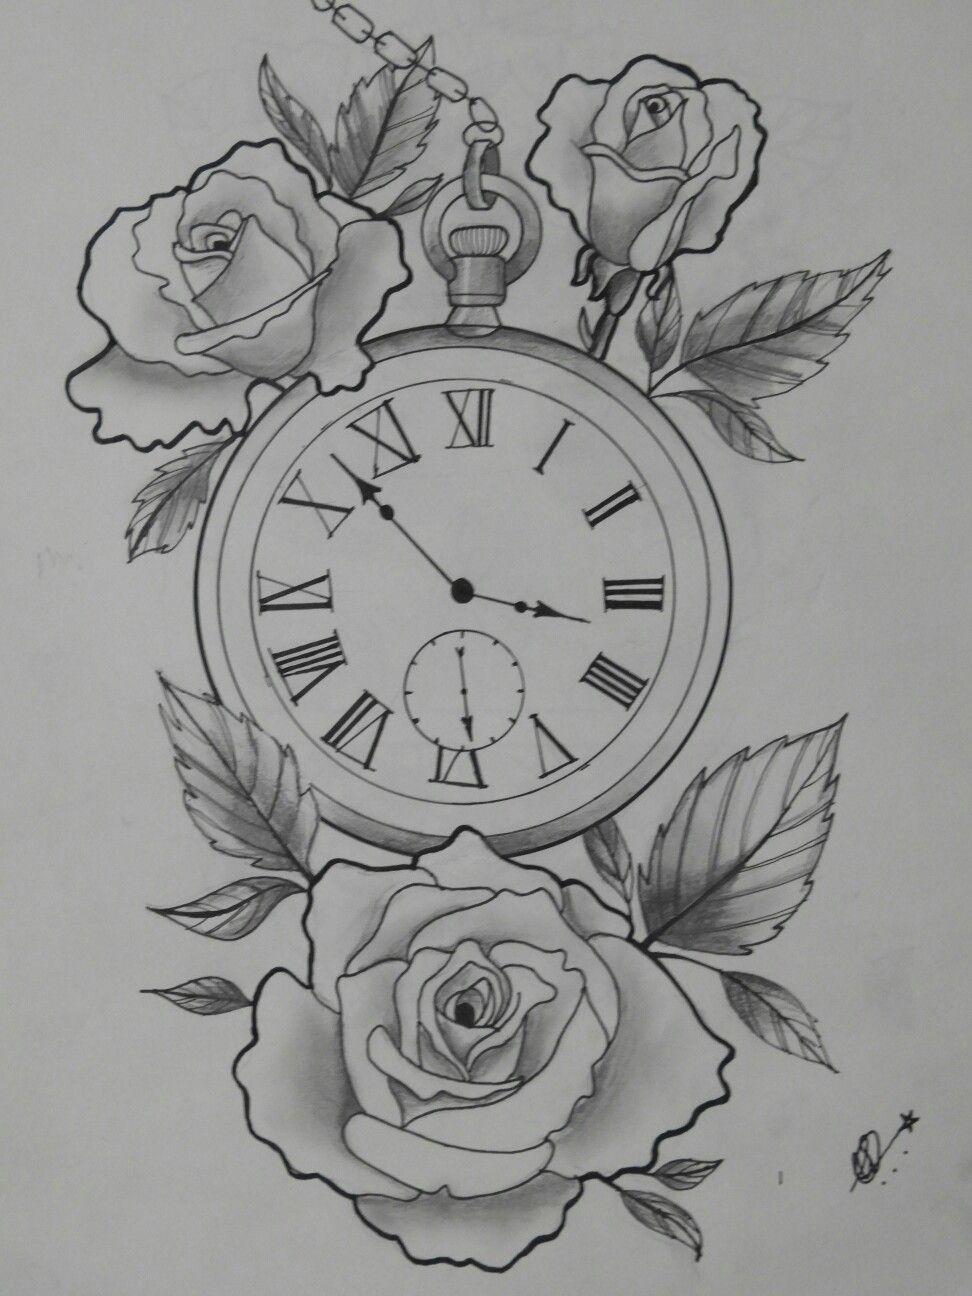 Rose Clock Tattoo Designs Drawing: Pin De Samiksha W Em Tattoo Ideas (com Imagens)